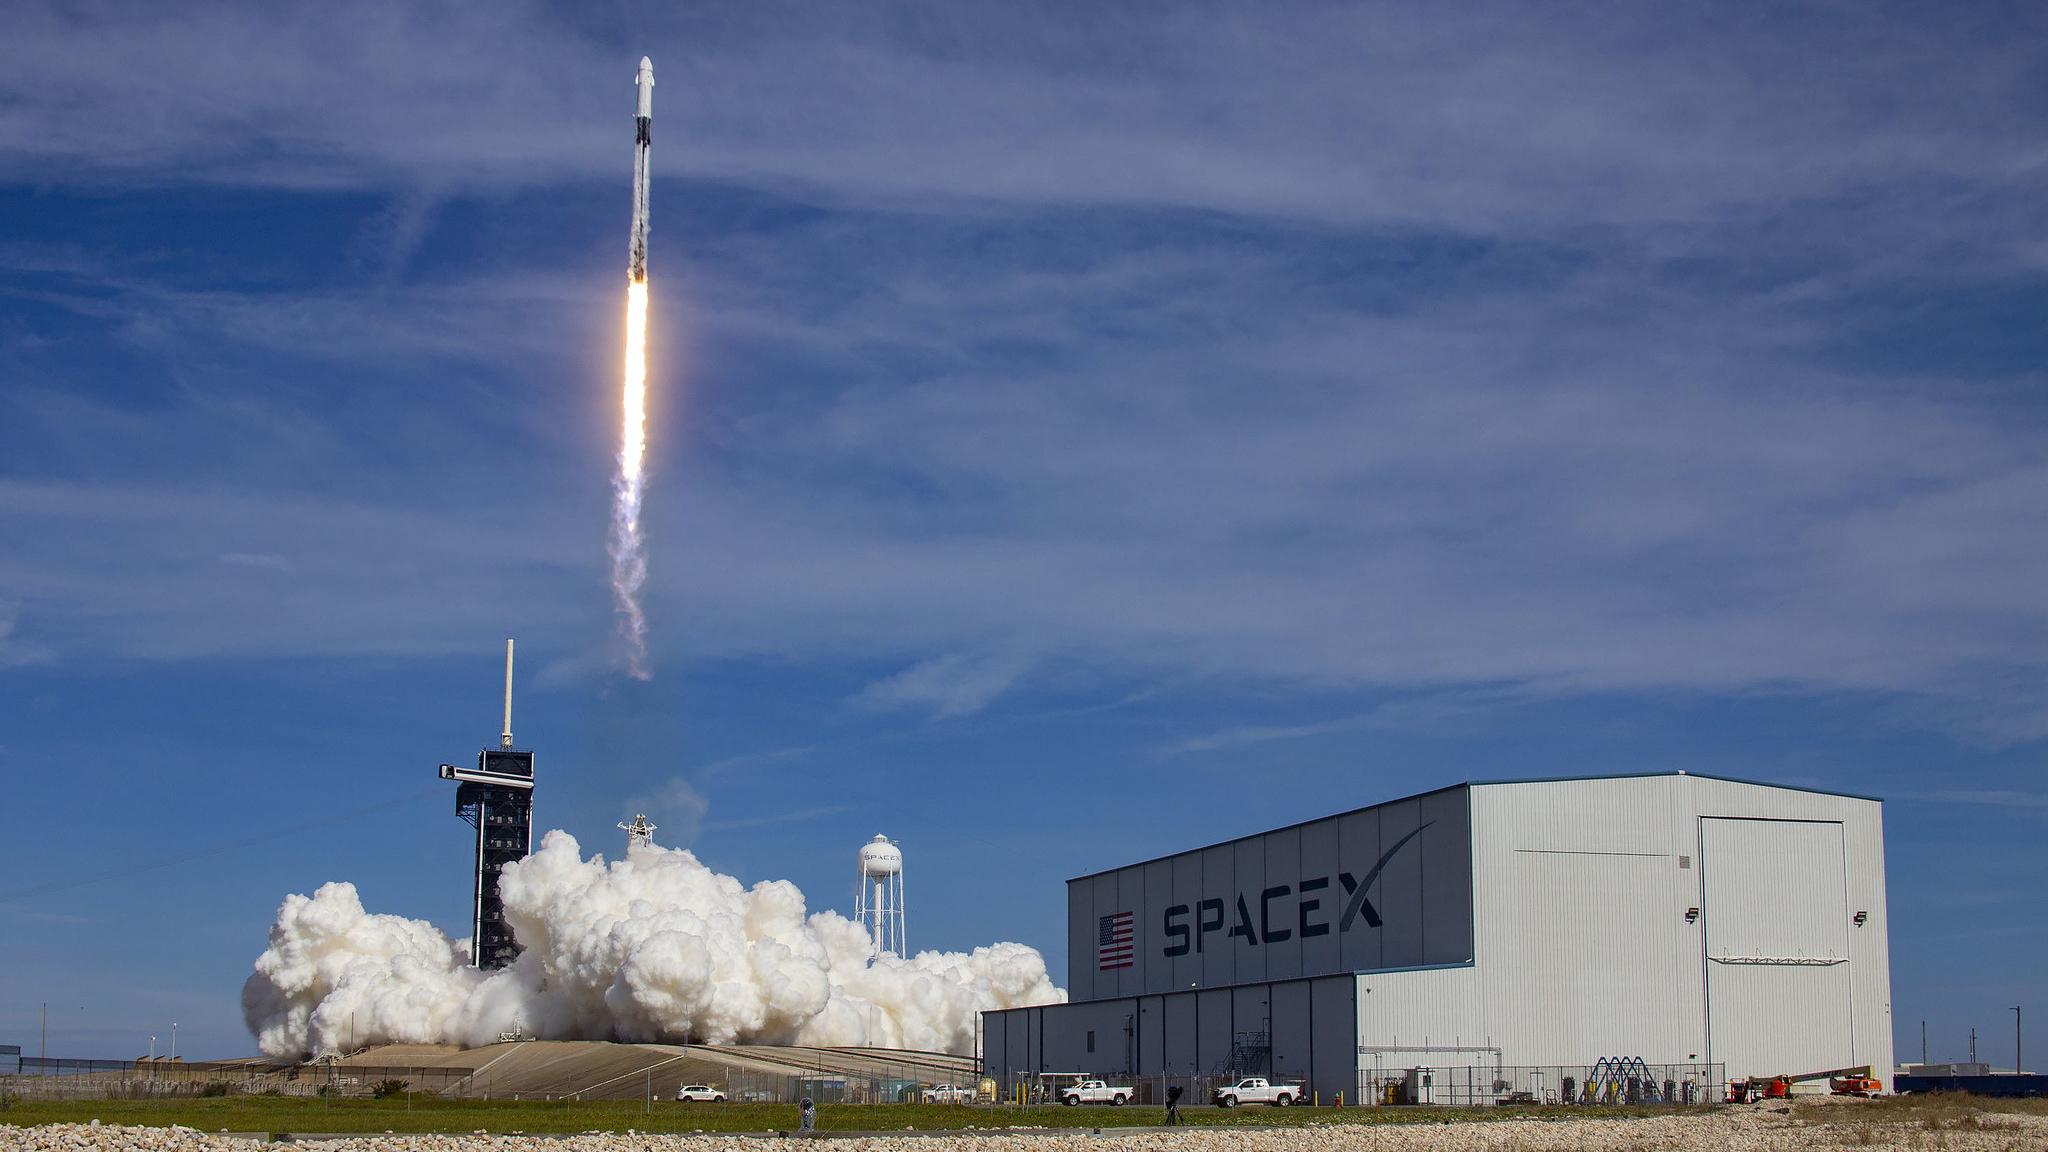 La mission Dragon CRS-21 de SpaceX décolle sur une fusée Falcon 9 du complexe de lancement 39A au centre spatial Kennedy de la NASA en Floride, le 6 décembre 2020.